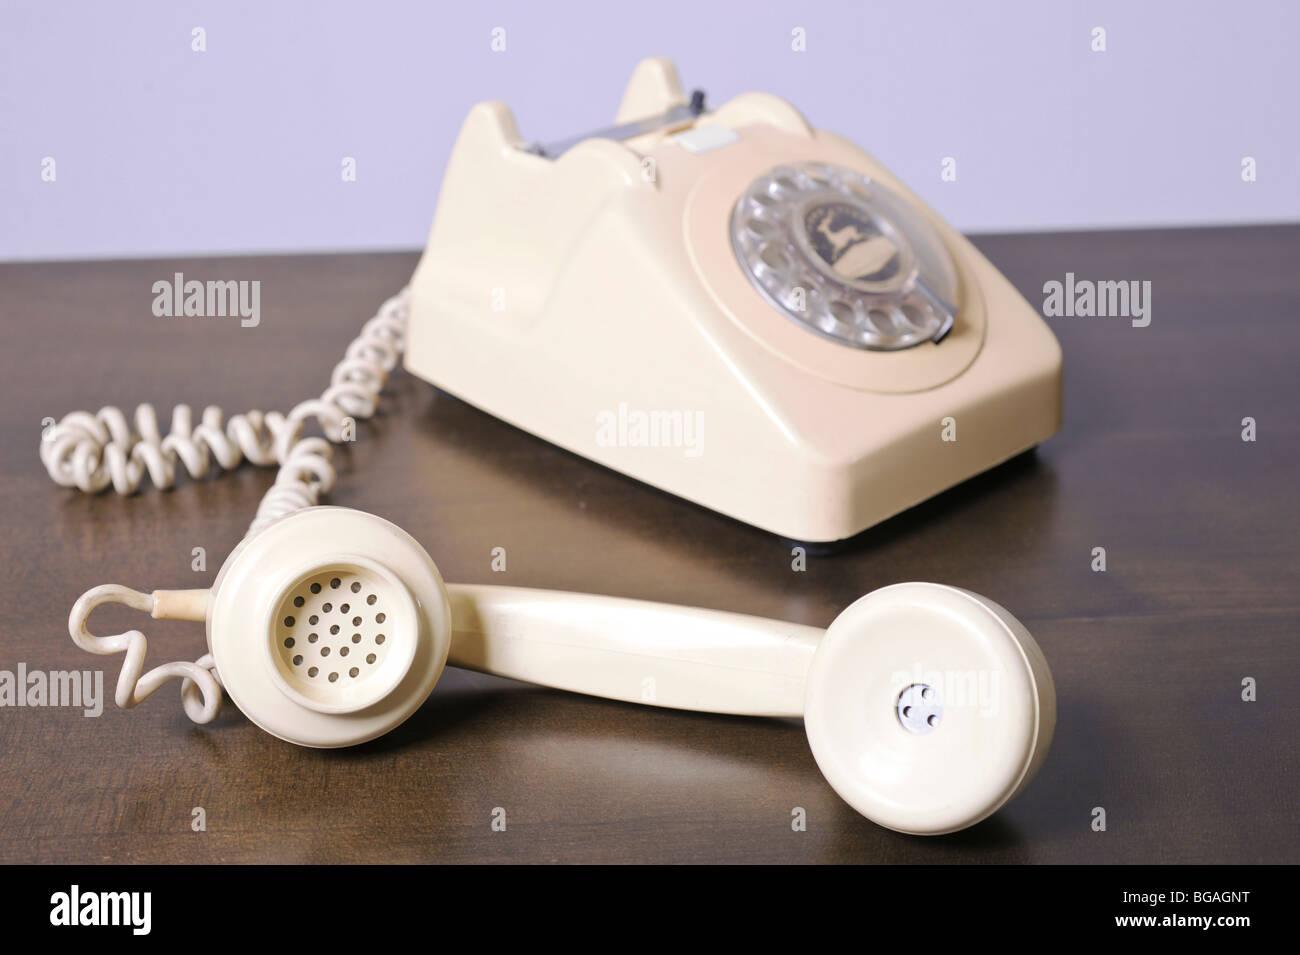 Spaccato Di Un Retrò Colore Avorio Telefono Su Sfondo Bianco Foto